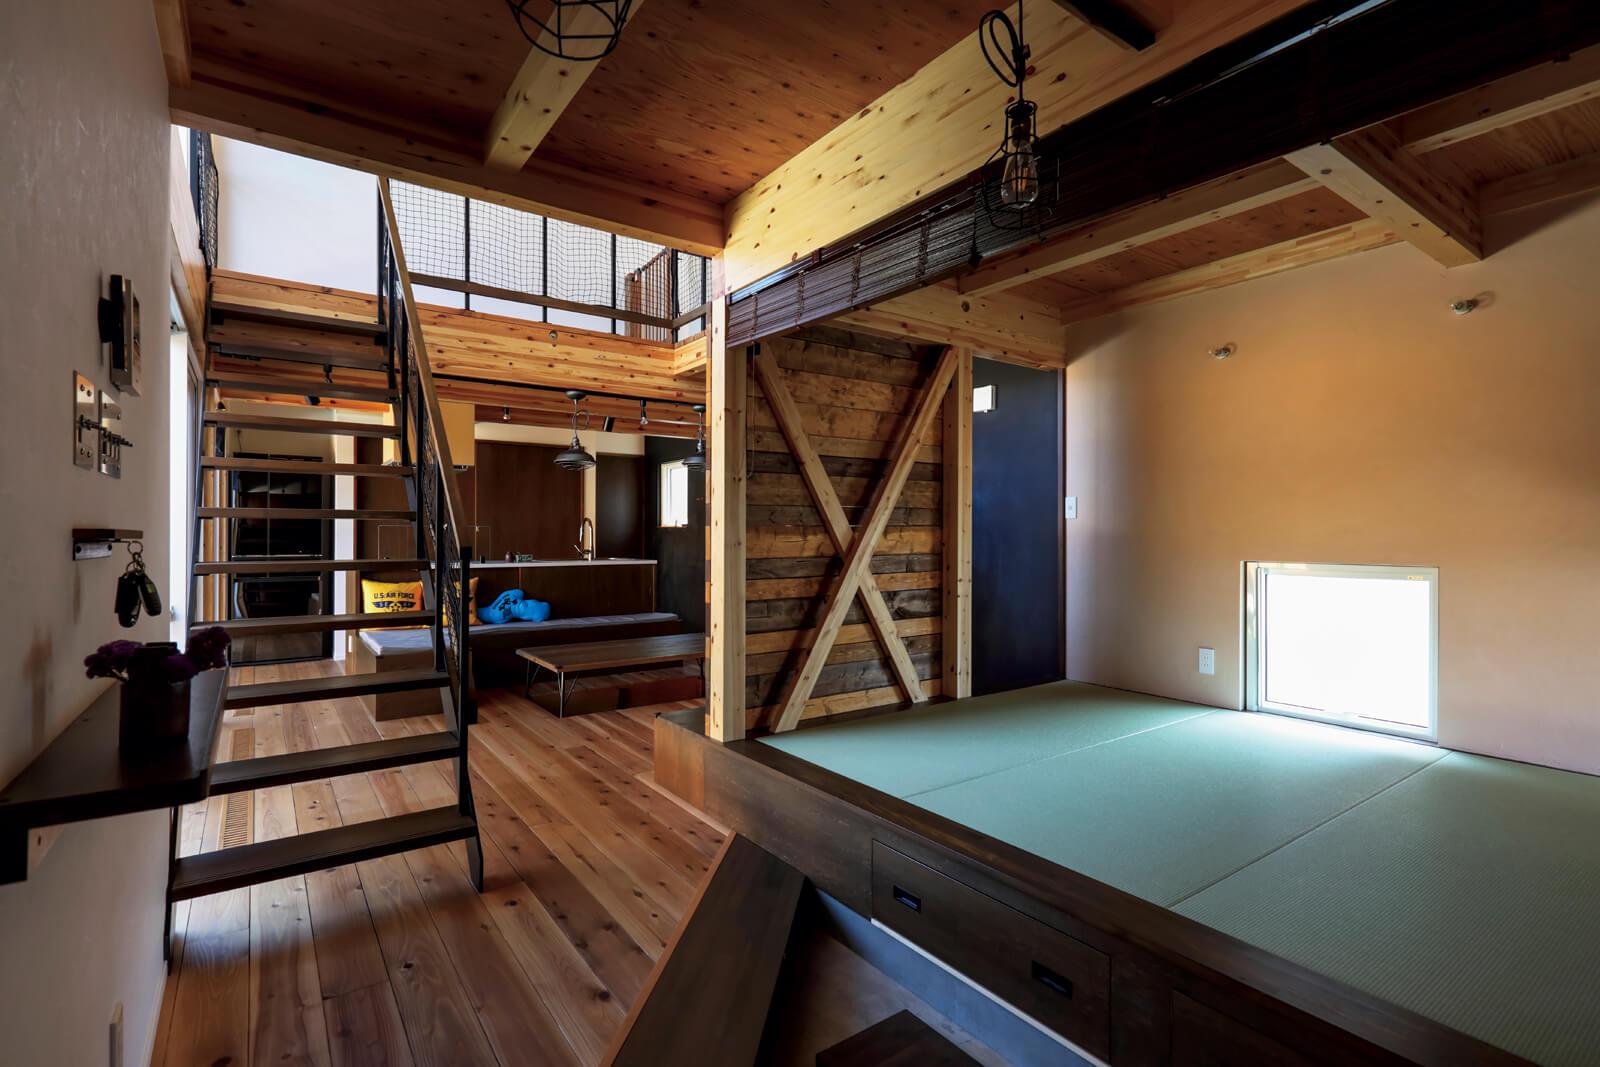 土間玄関から室内を望む。右手には畳スペース、奥にLDKが広がる。暖房は土間蓄熱暖房を採用